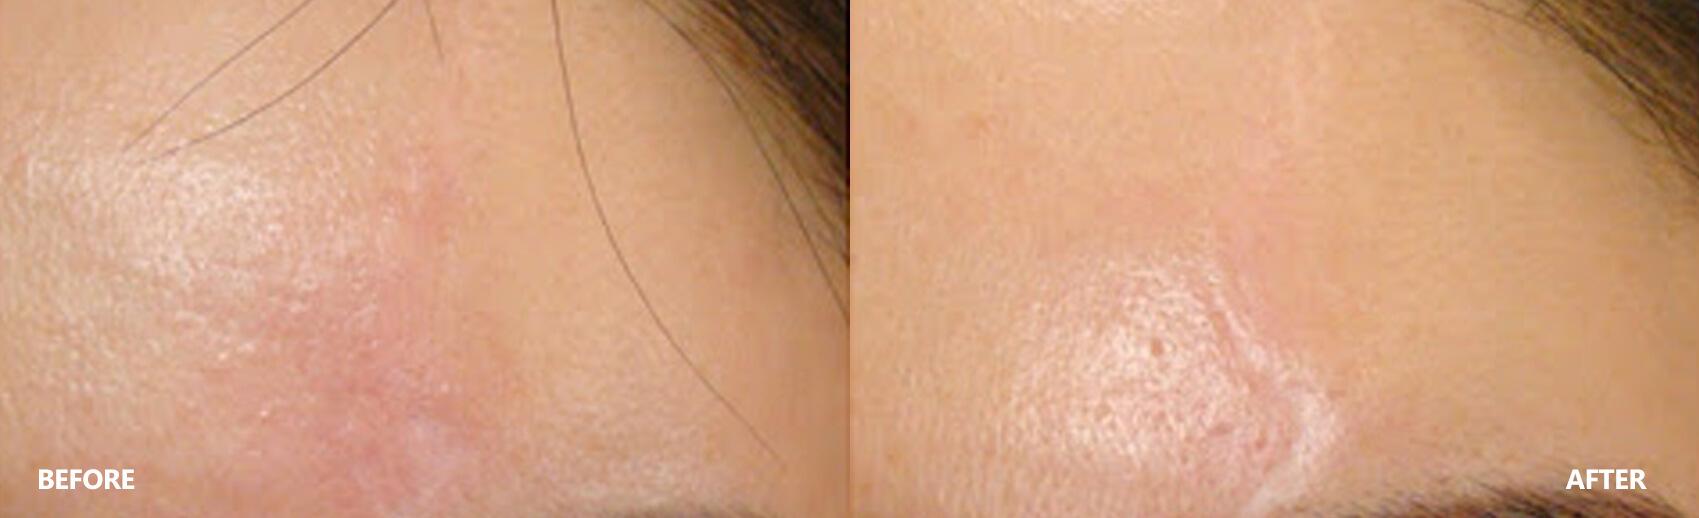 scar-result-9